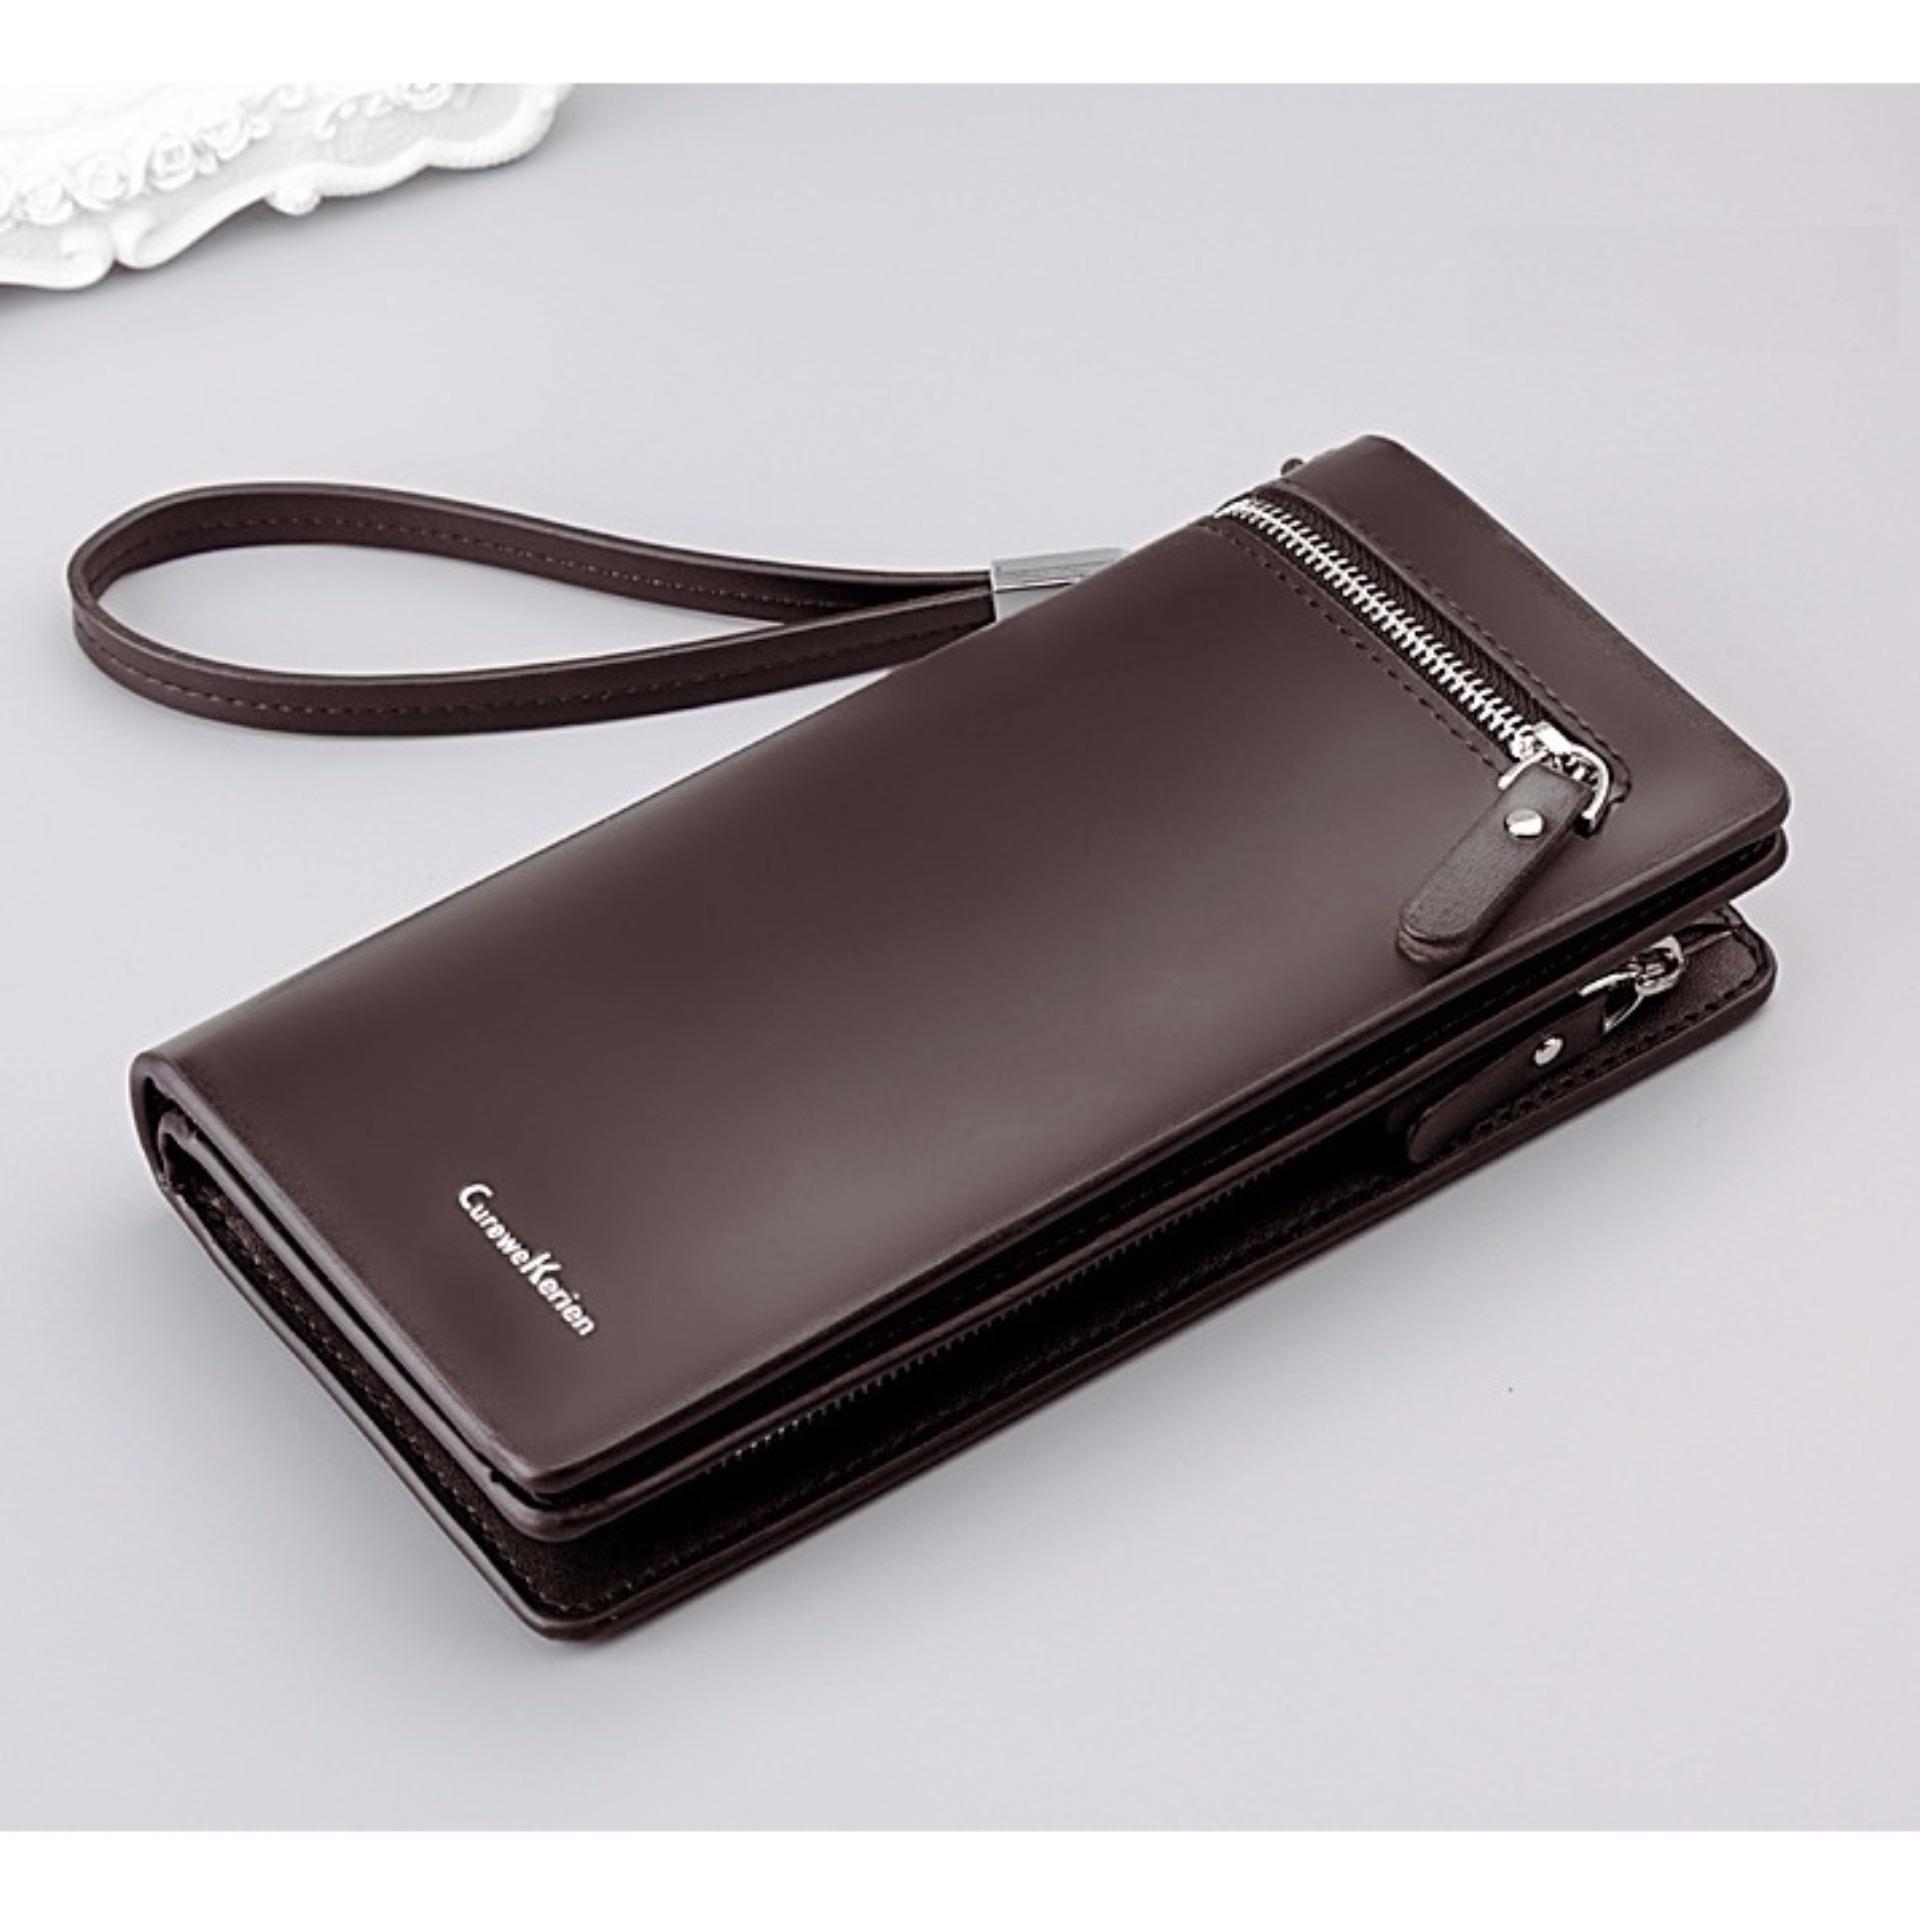 ORIGINAL Dompet Fashion Wallet Leather Curewe Kerien ADA TALI Pria Cowo Bisnis Eksekutif - COKLAT